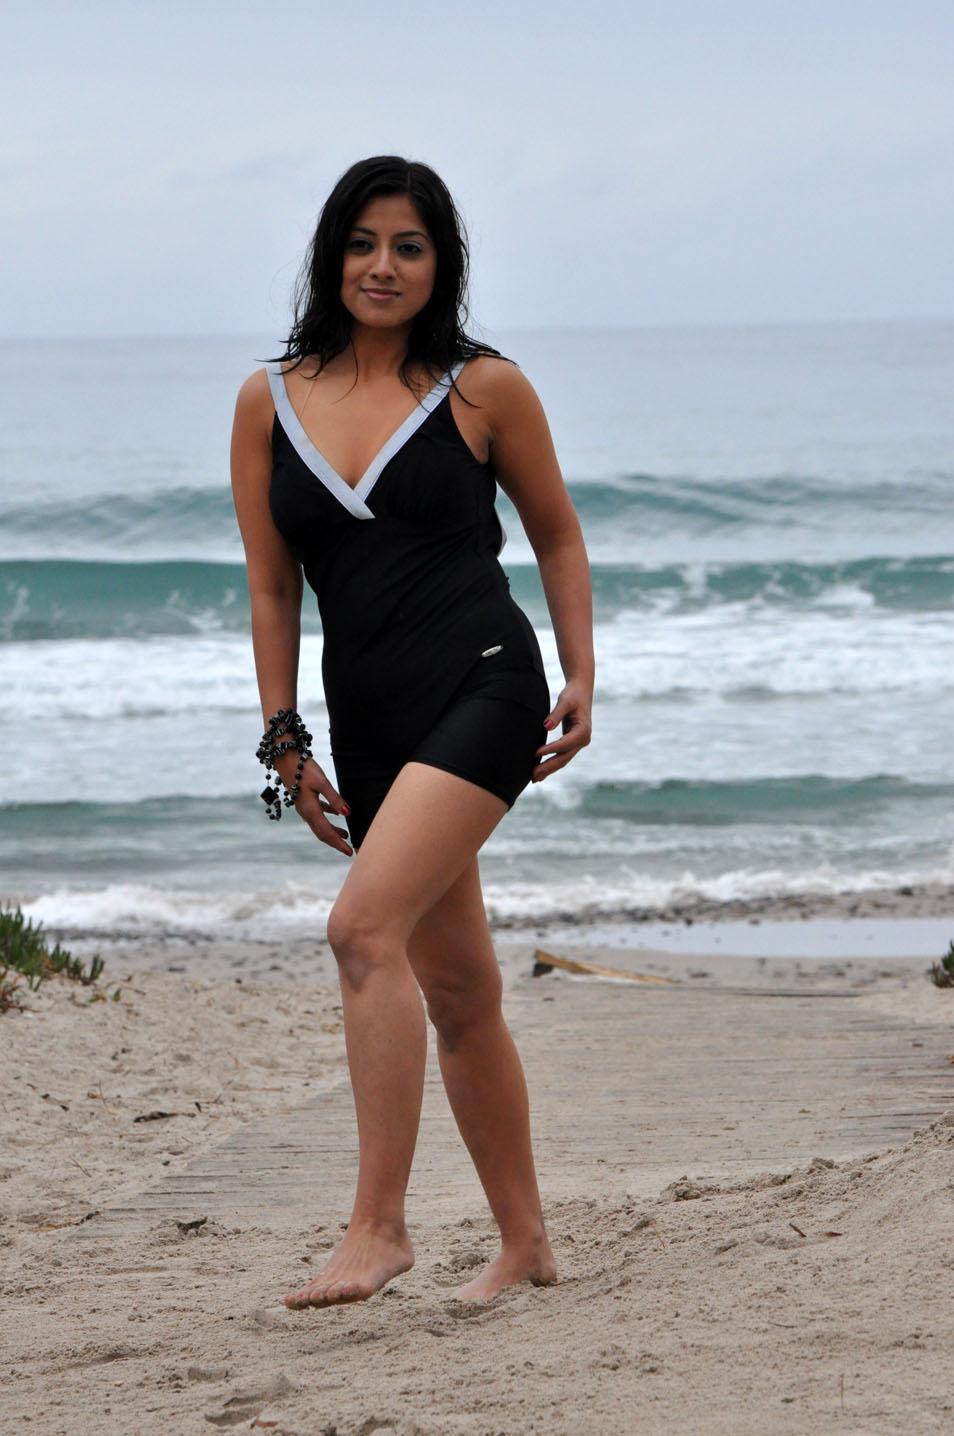 stylish hot Keerthi chawla sexy bikini stills on beach side